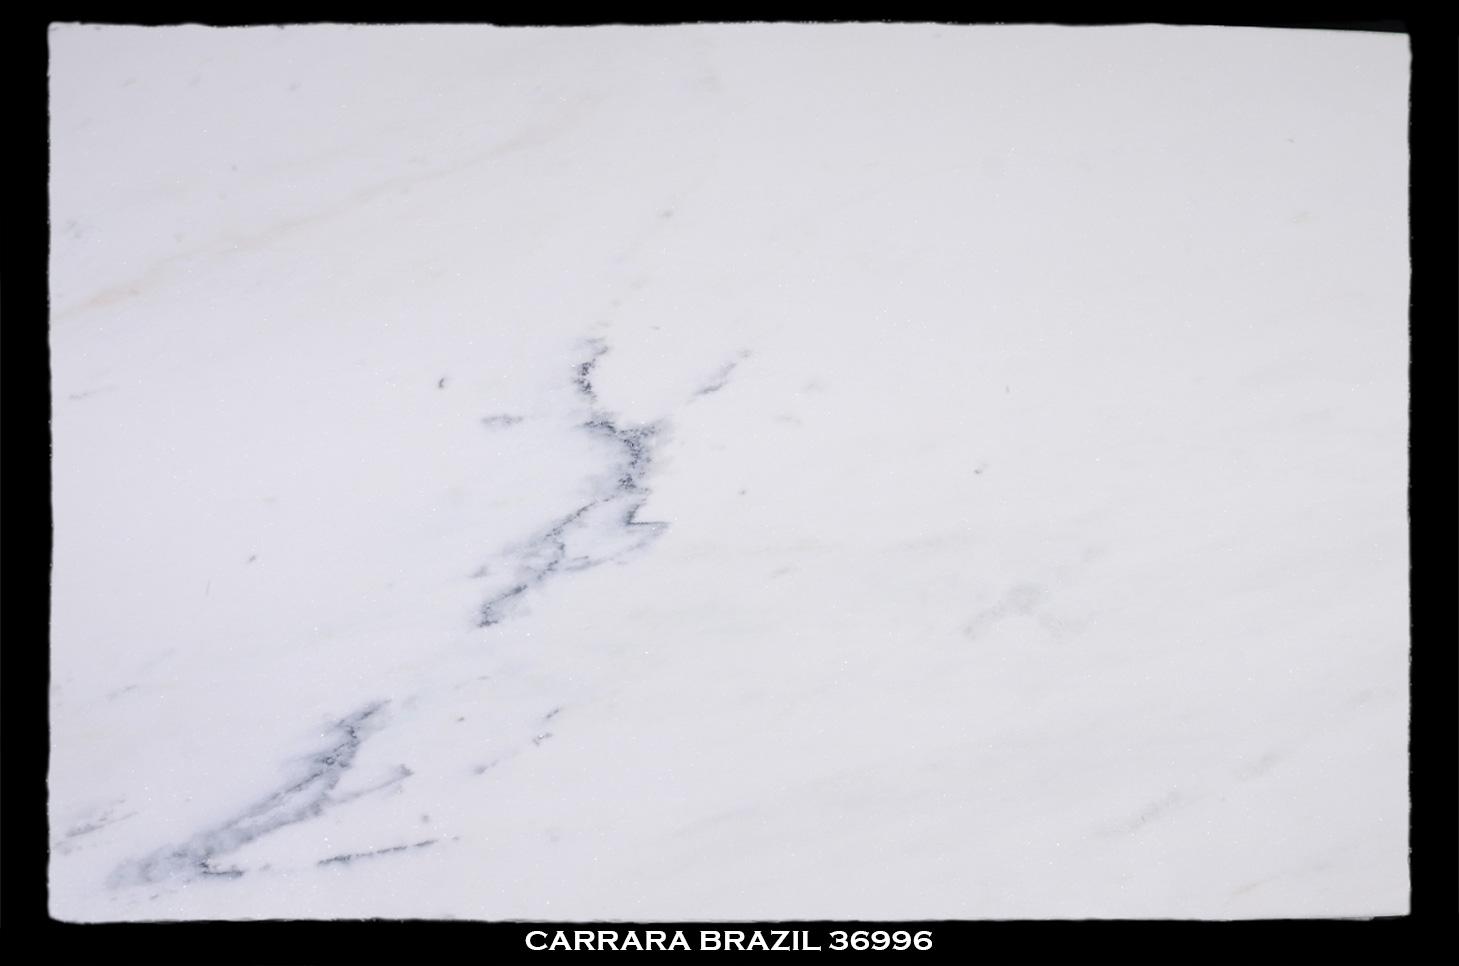 carrara-brazil-36996